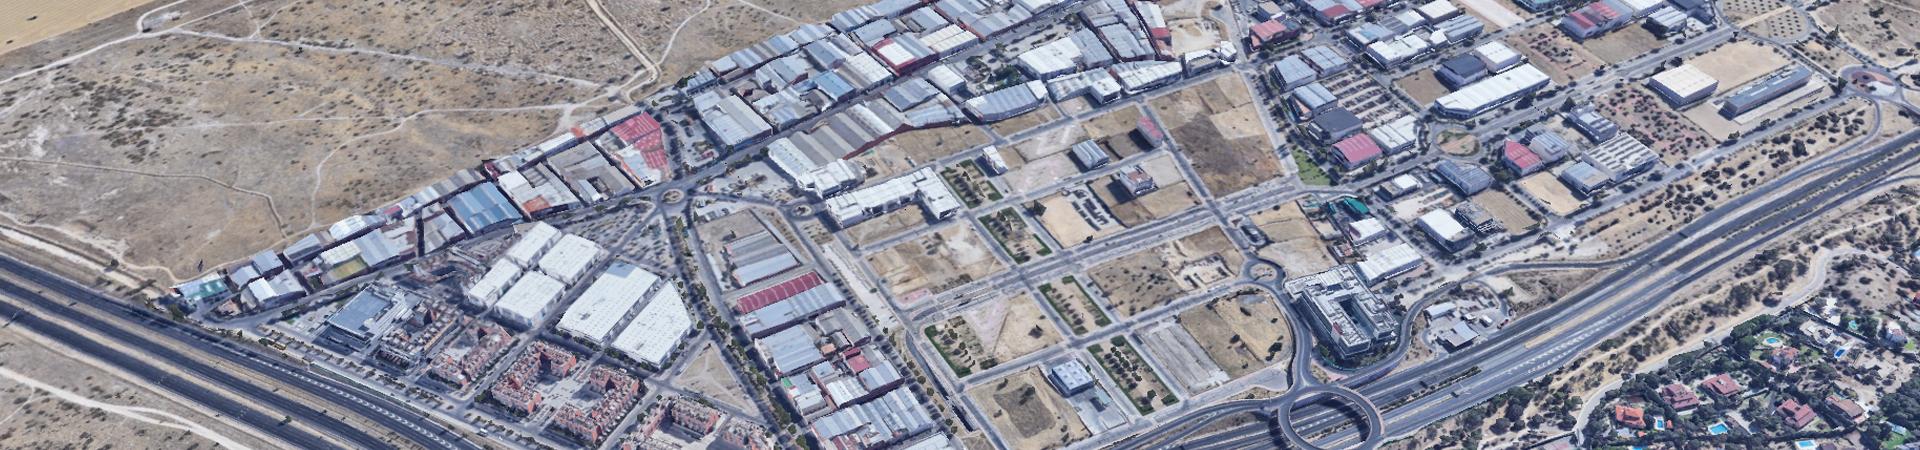 Alquileres Industriales Ventorro del Cano. Espaciogeo